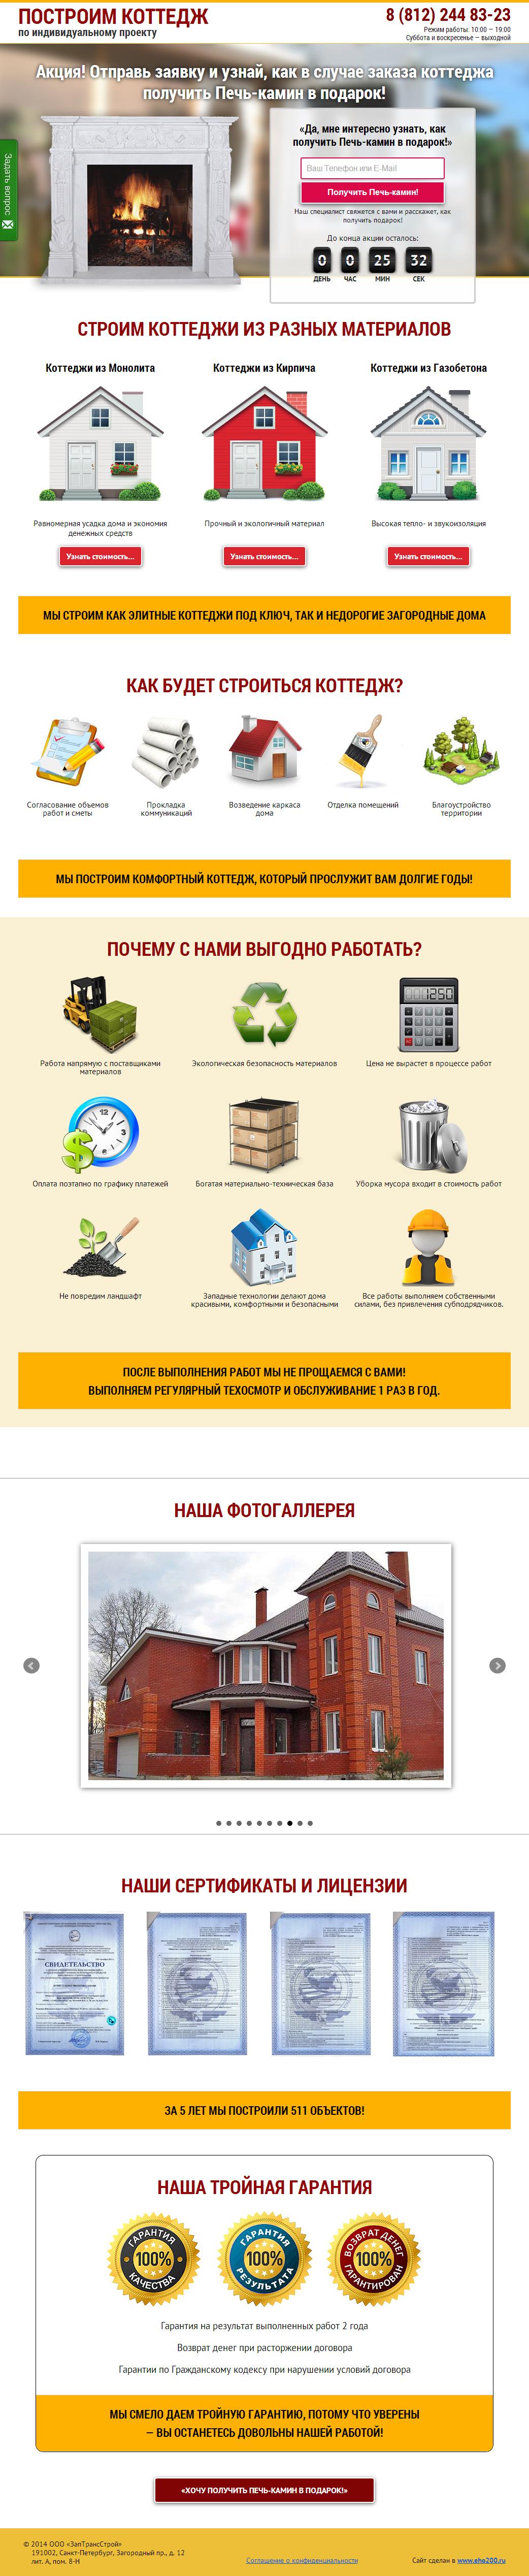 Сайт «Построим коттедж»